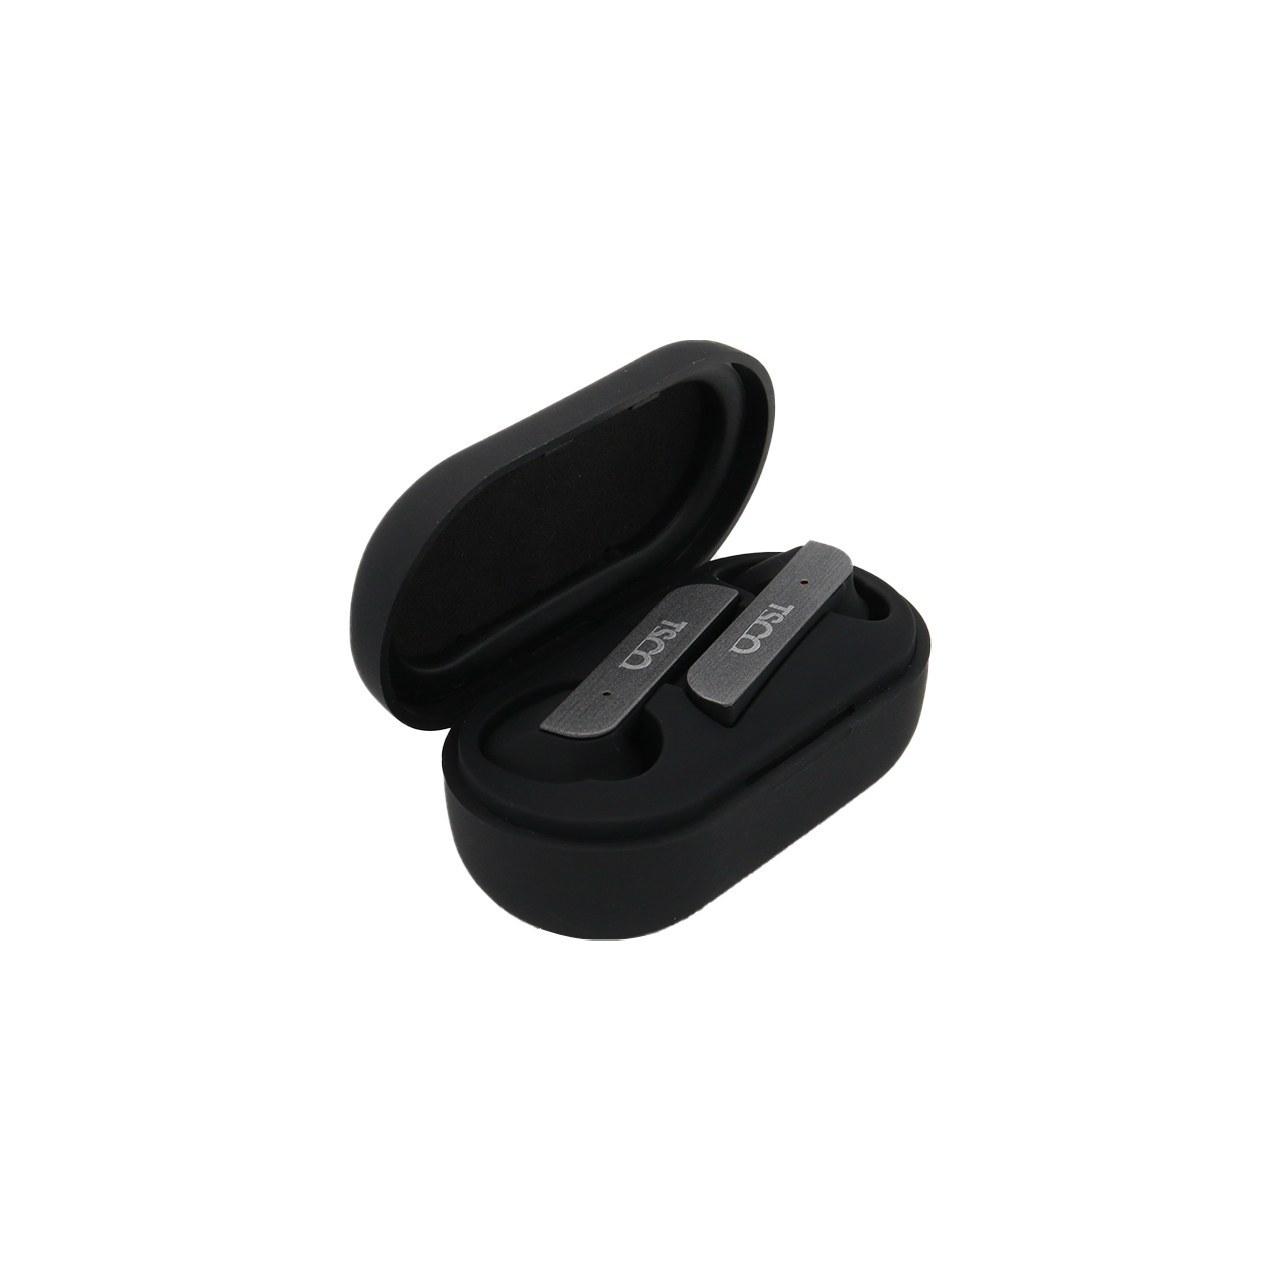 عکس هندزفری بلوتوث تسکو مدل TH 5356 TWS هدست، هدفون، هندزفری تسکو TH 5356 TWS Bluetooth Handsfree هندزفری-بلوتوث-تسکو-مدل-th-5356-tws